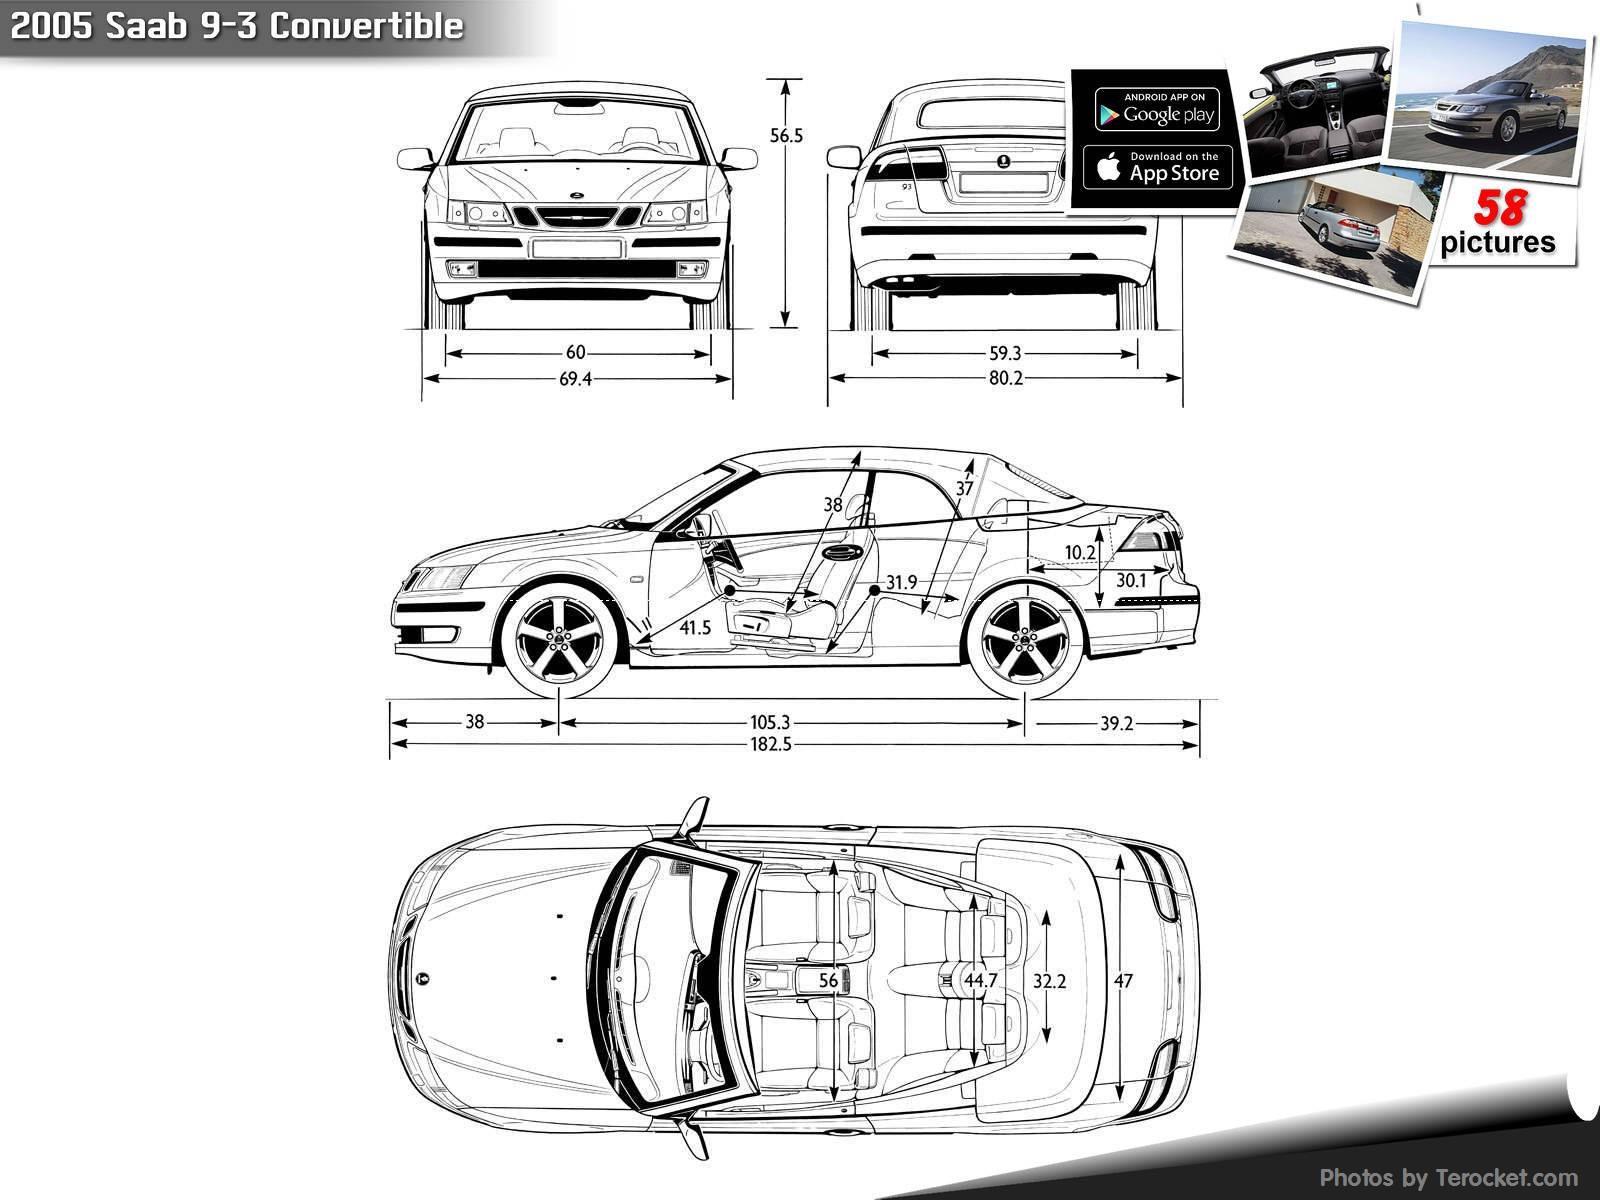 Hình ảnh xe ô tô Saab 9-3 Convertible 2005 & nội ngoại thất